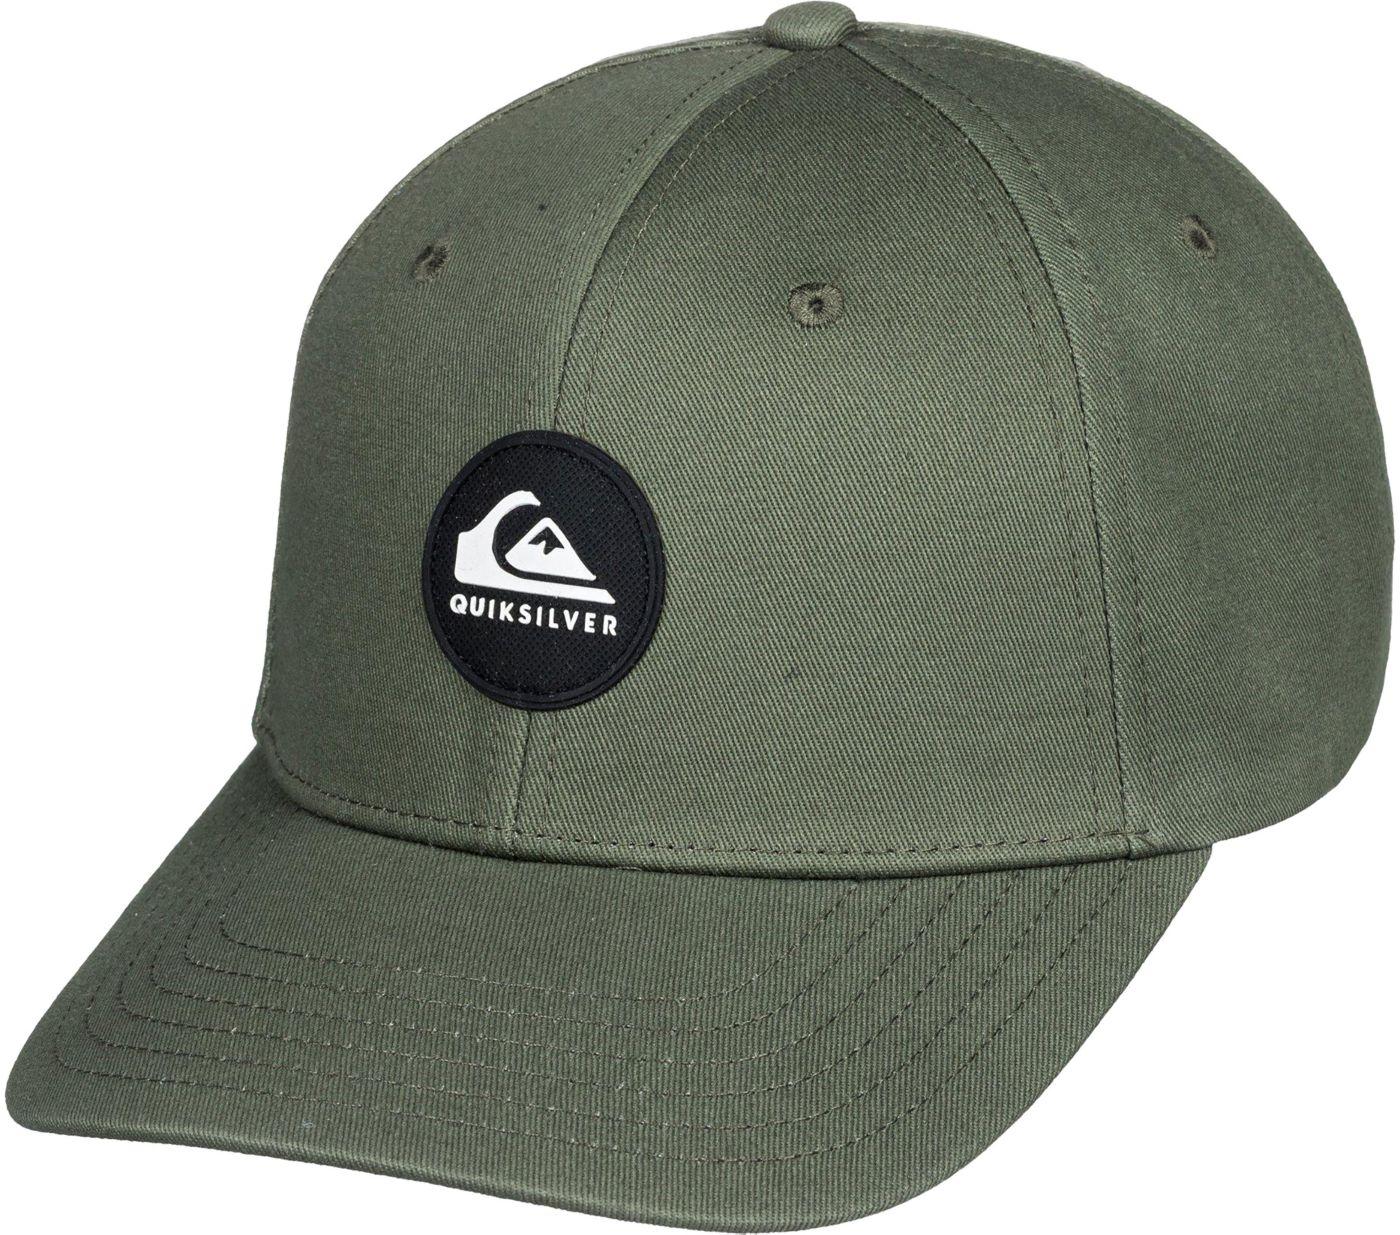 Quiksilver Men's Super Unleaded Snapback Hat